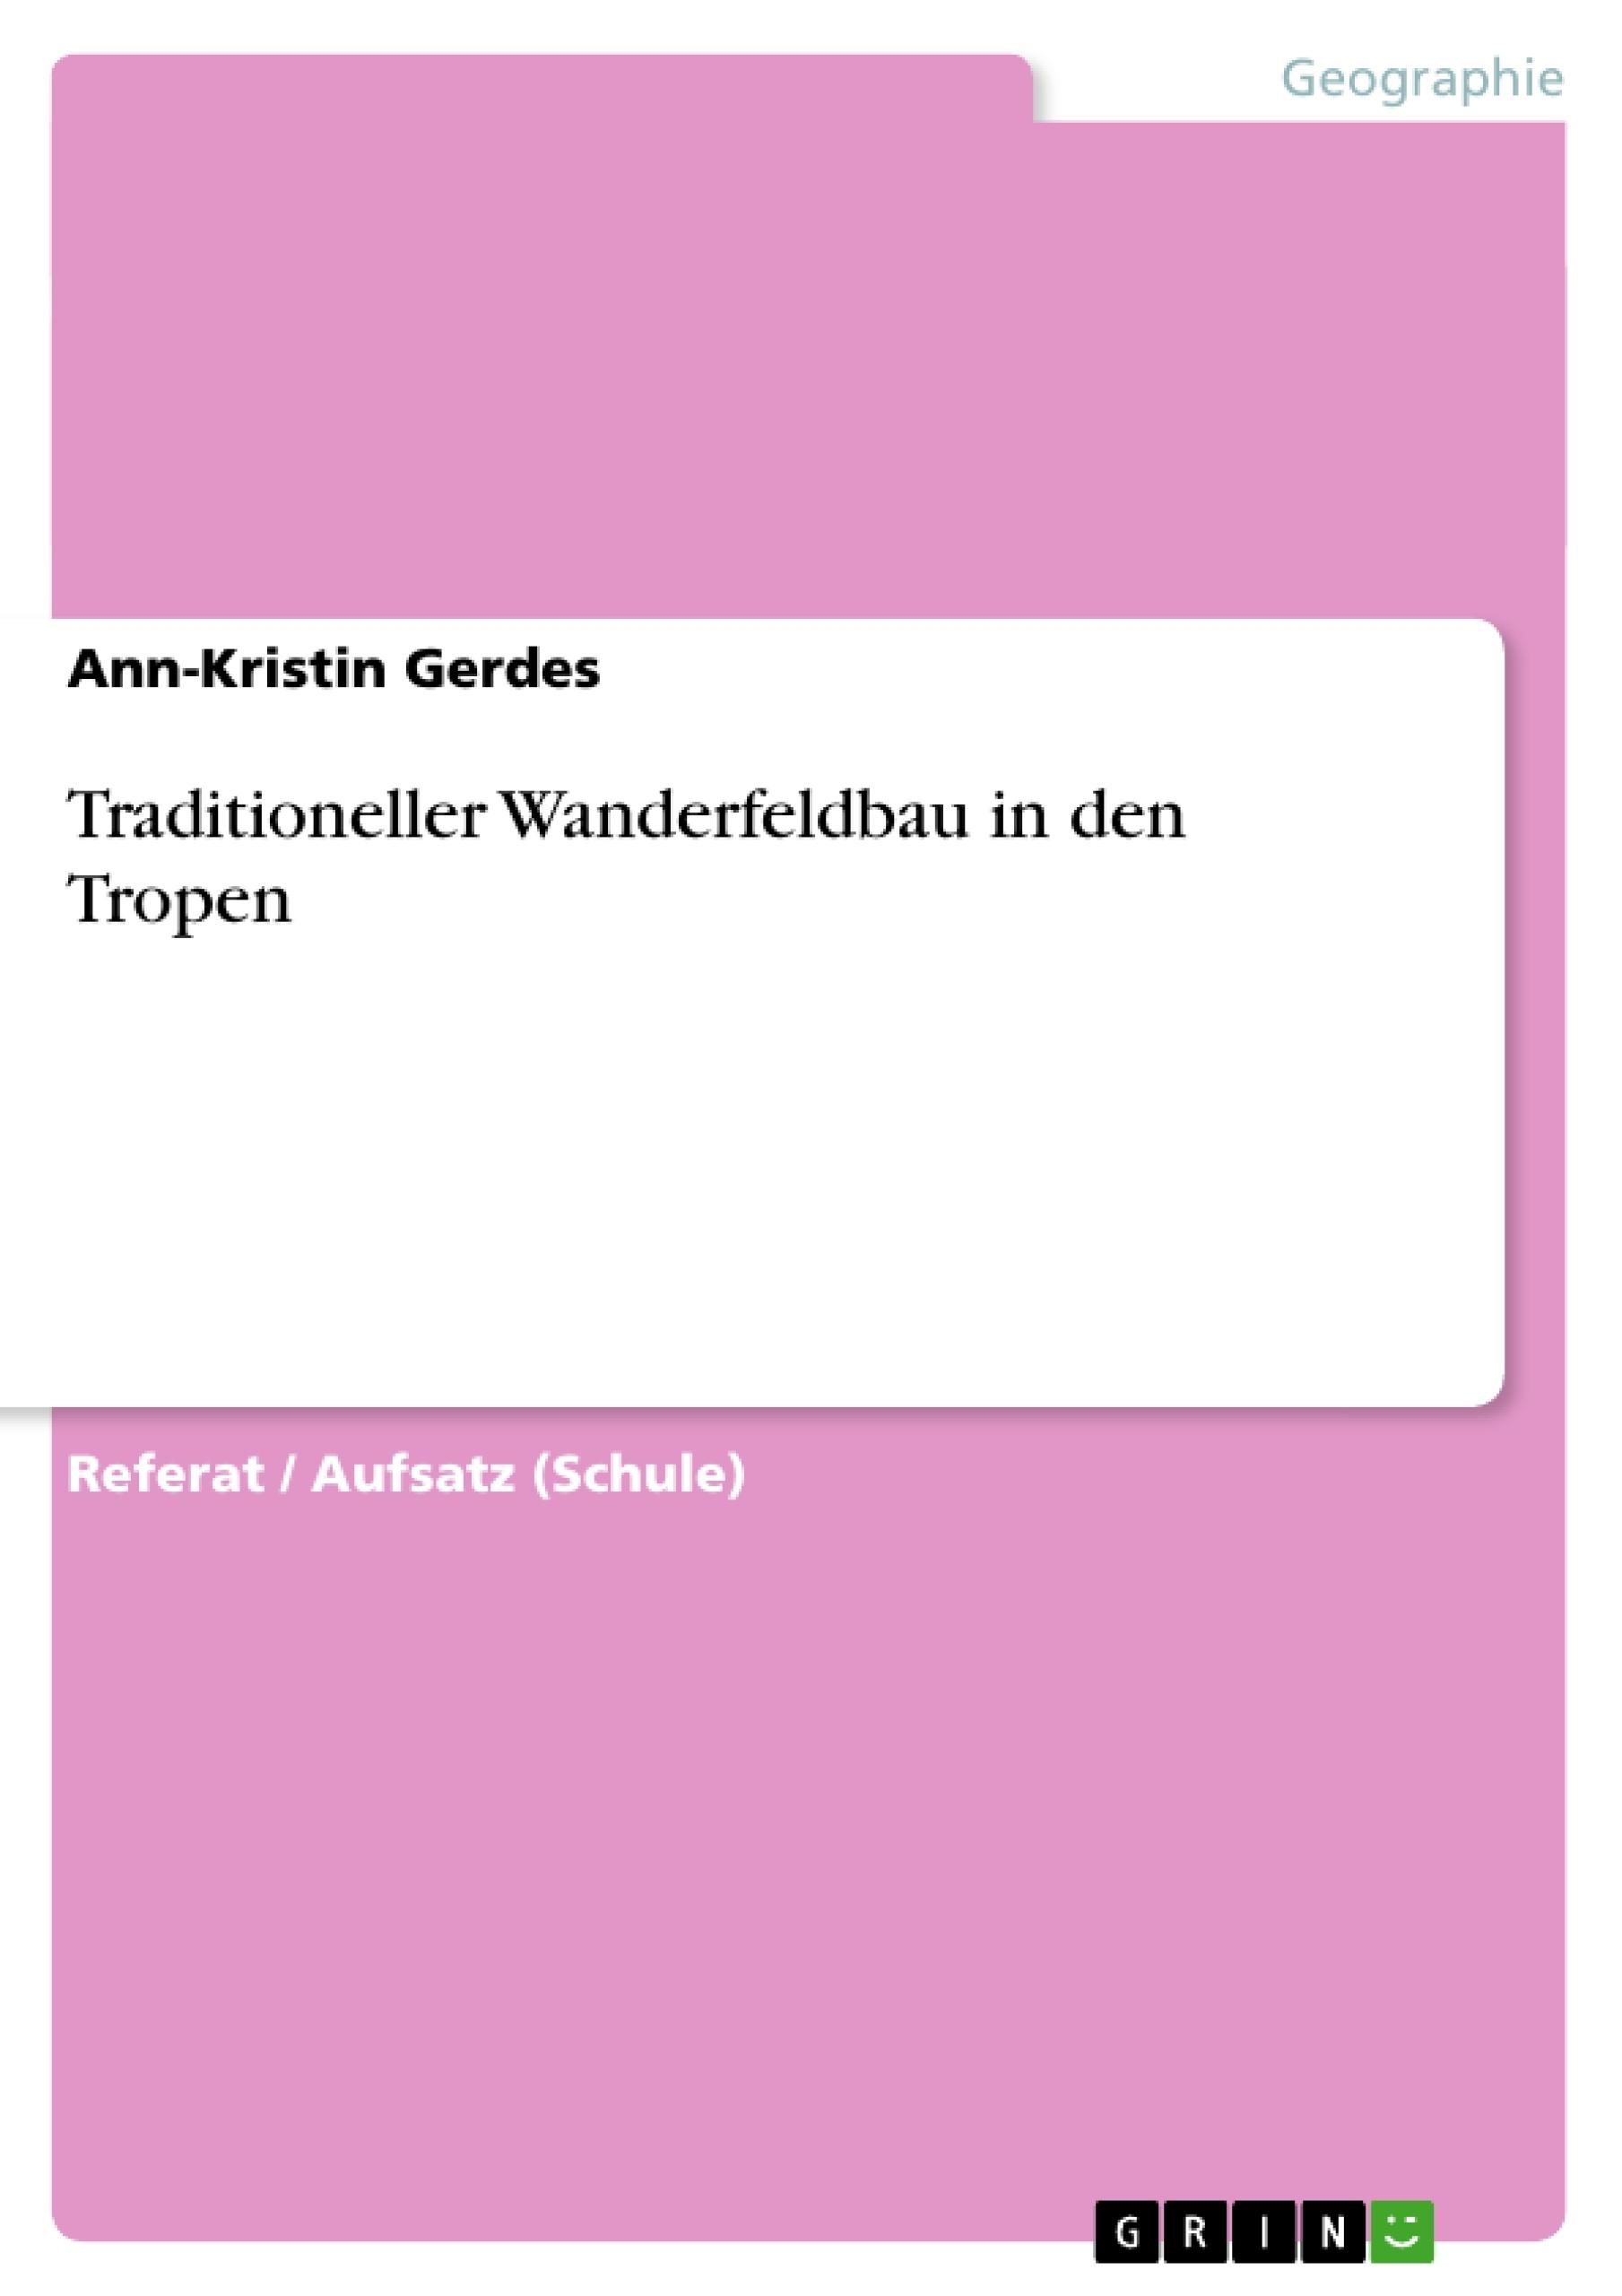 Titel: Traditioneller Wanderfeldbau in den Tropen